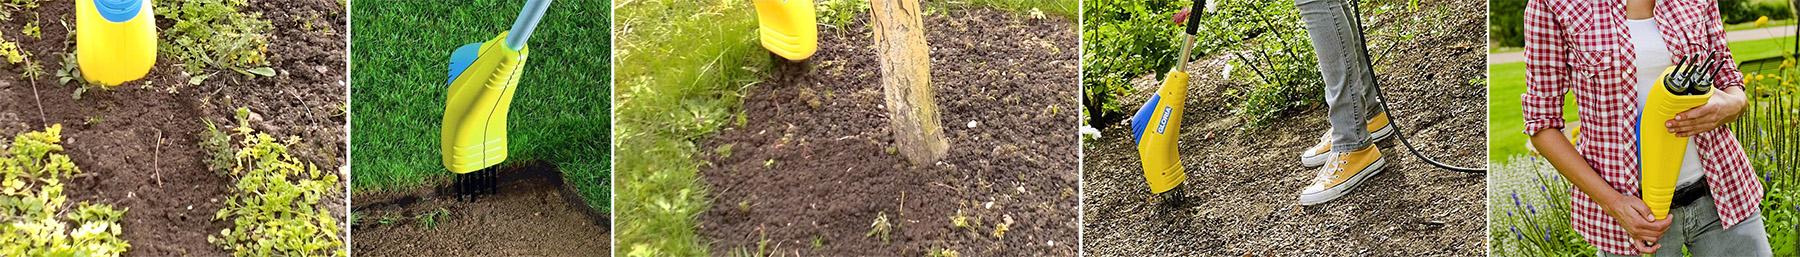 Недорого купить надежный электрический культиватор для рыхления и прополки почвы